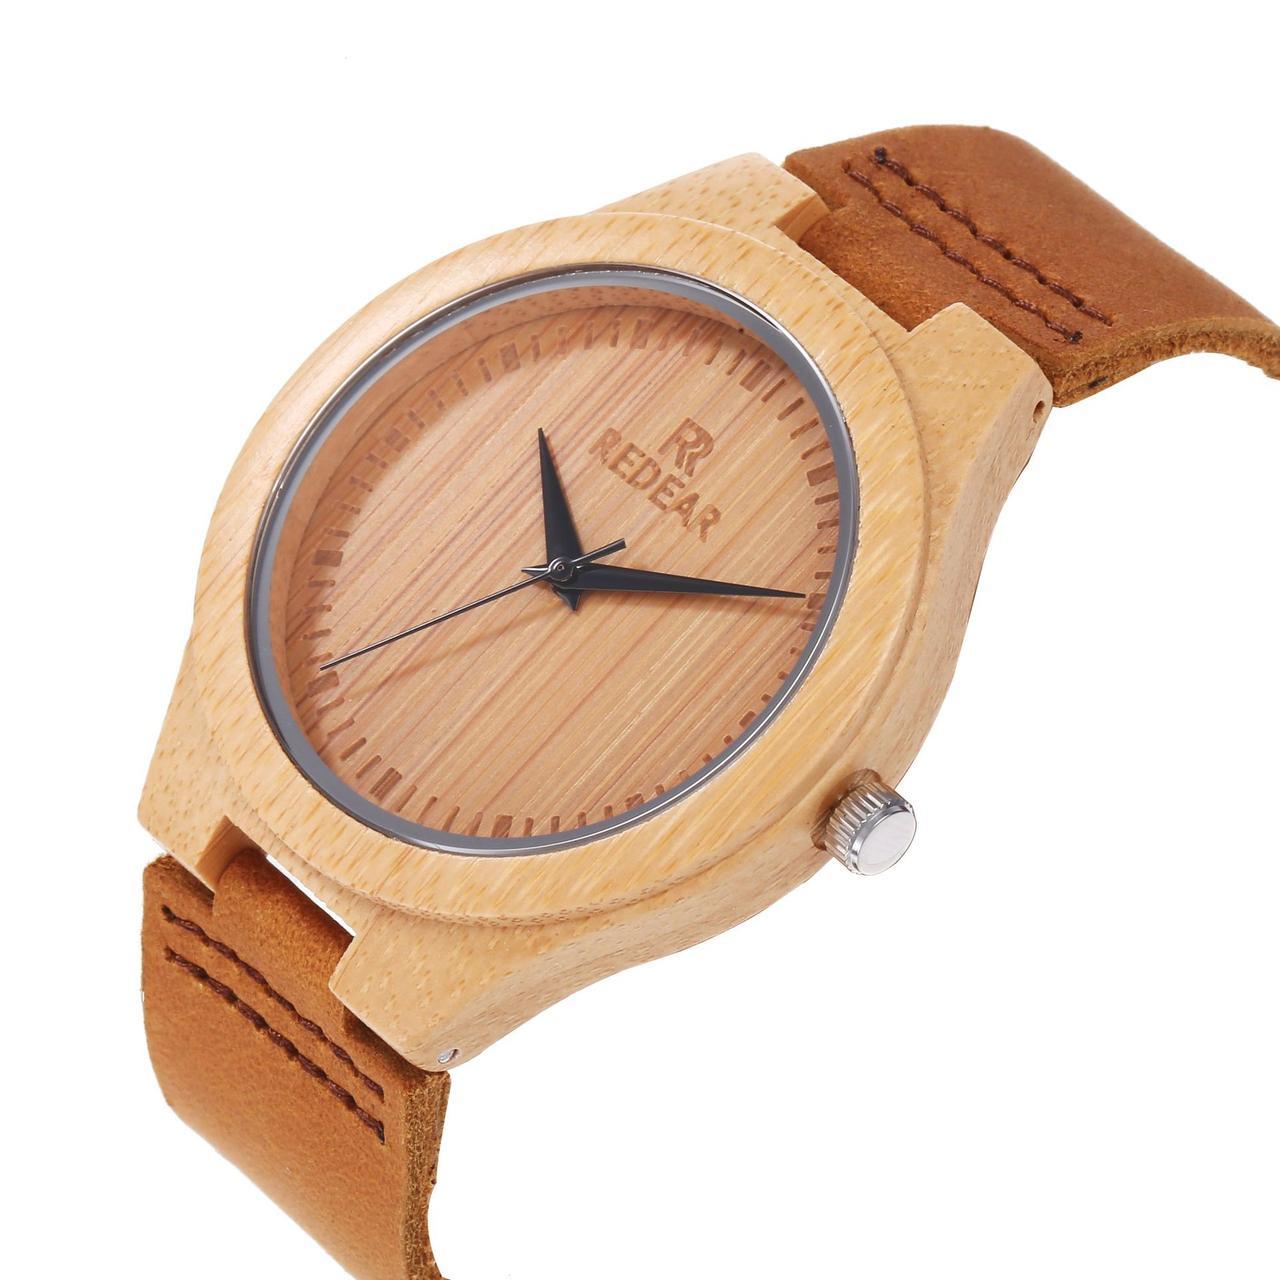 Деревянные наручные часы. Гипоаллергенны. Кожаный ремешок. Циферблат поменьше! Kaspi RED. Рассрочка.